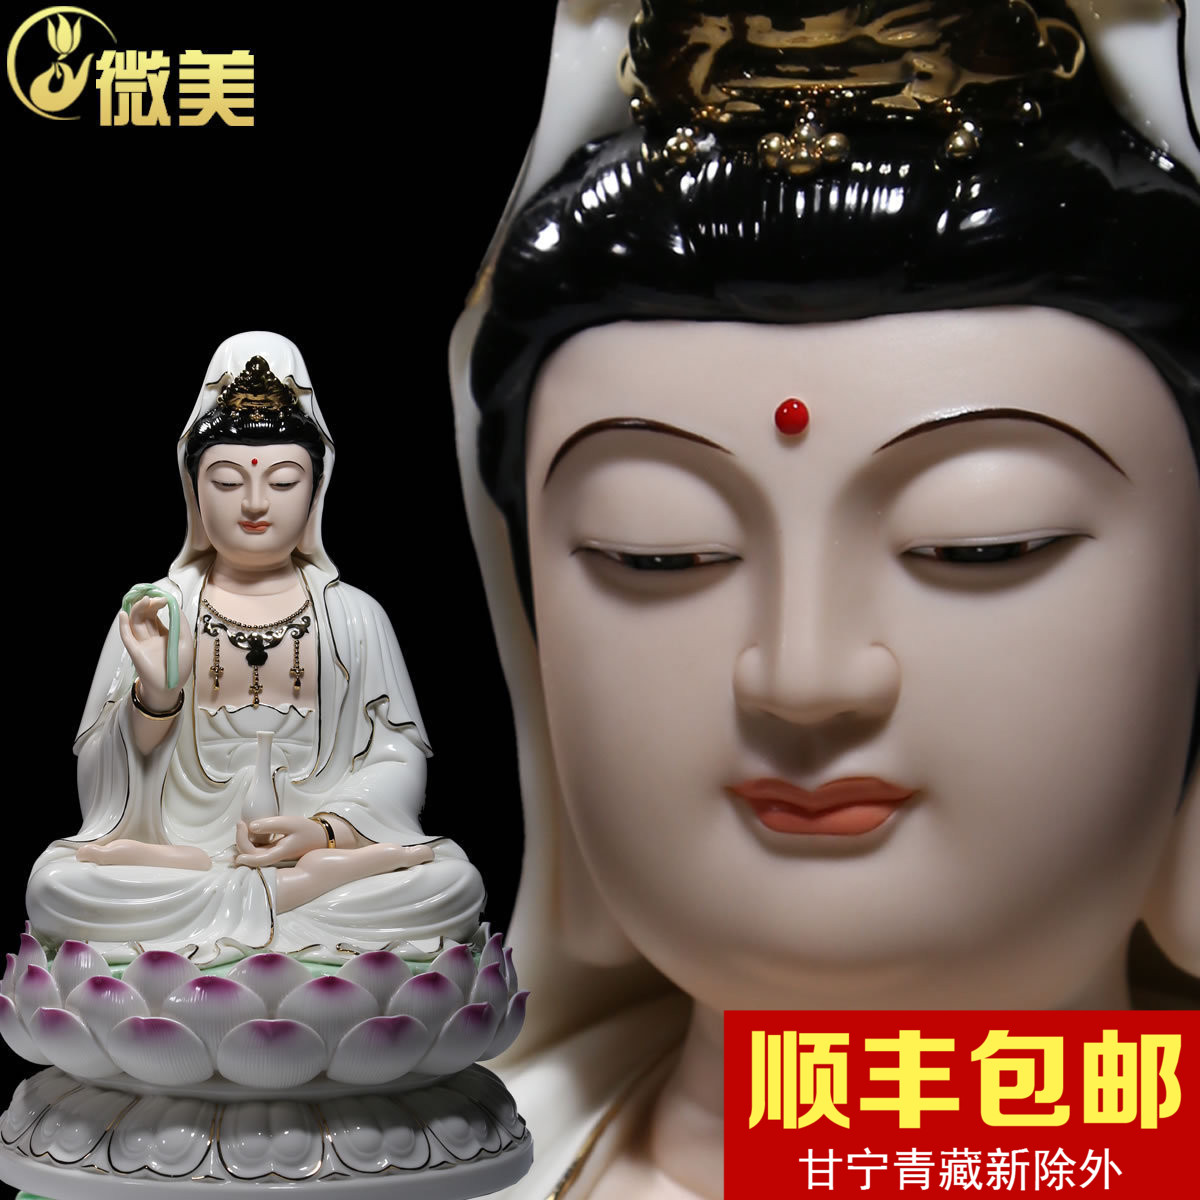 结缘10至19�甲�莲观世音菩萨像家居供奉观音佛像摆件家用陶瓷彩绘